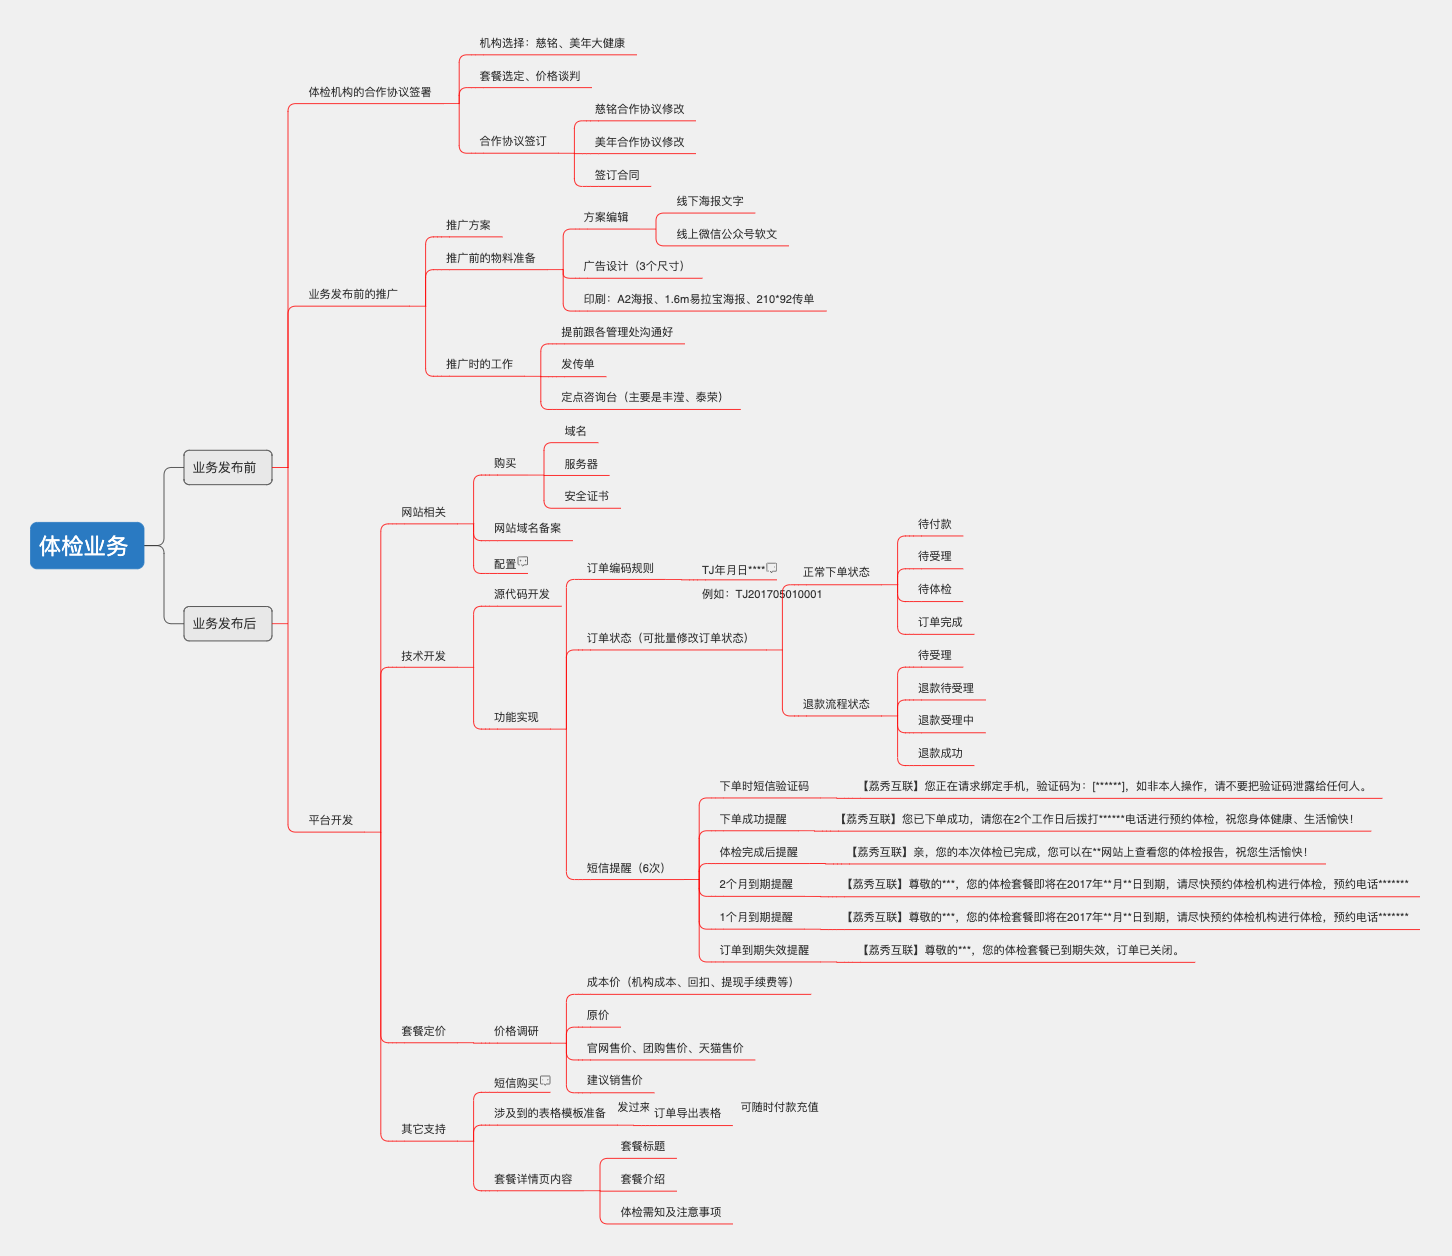 小程序 体检业务运营流程